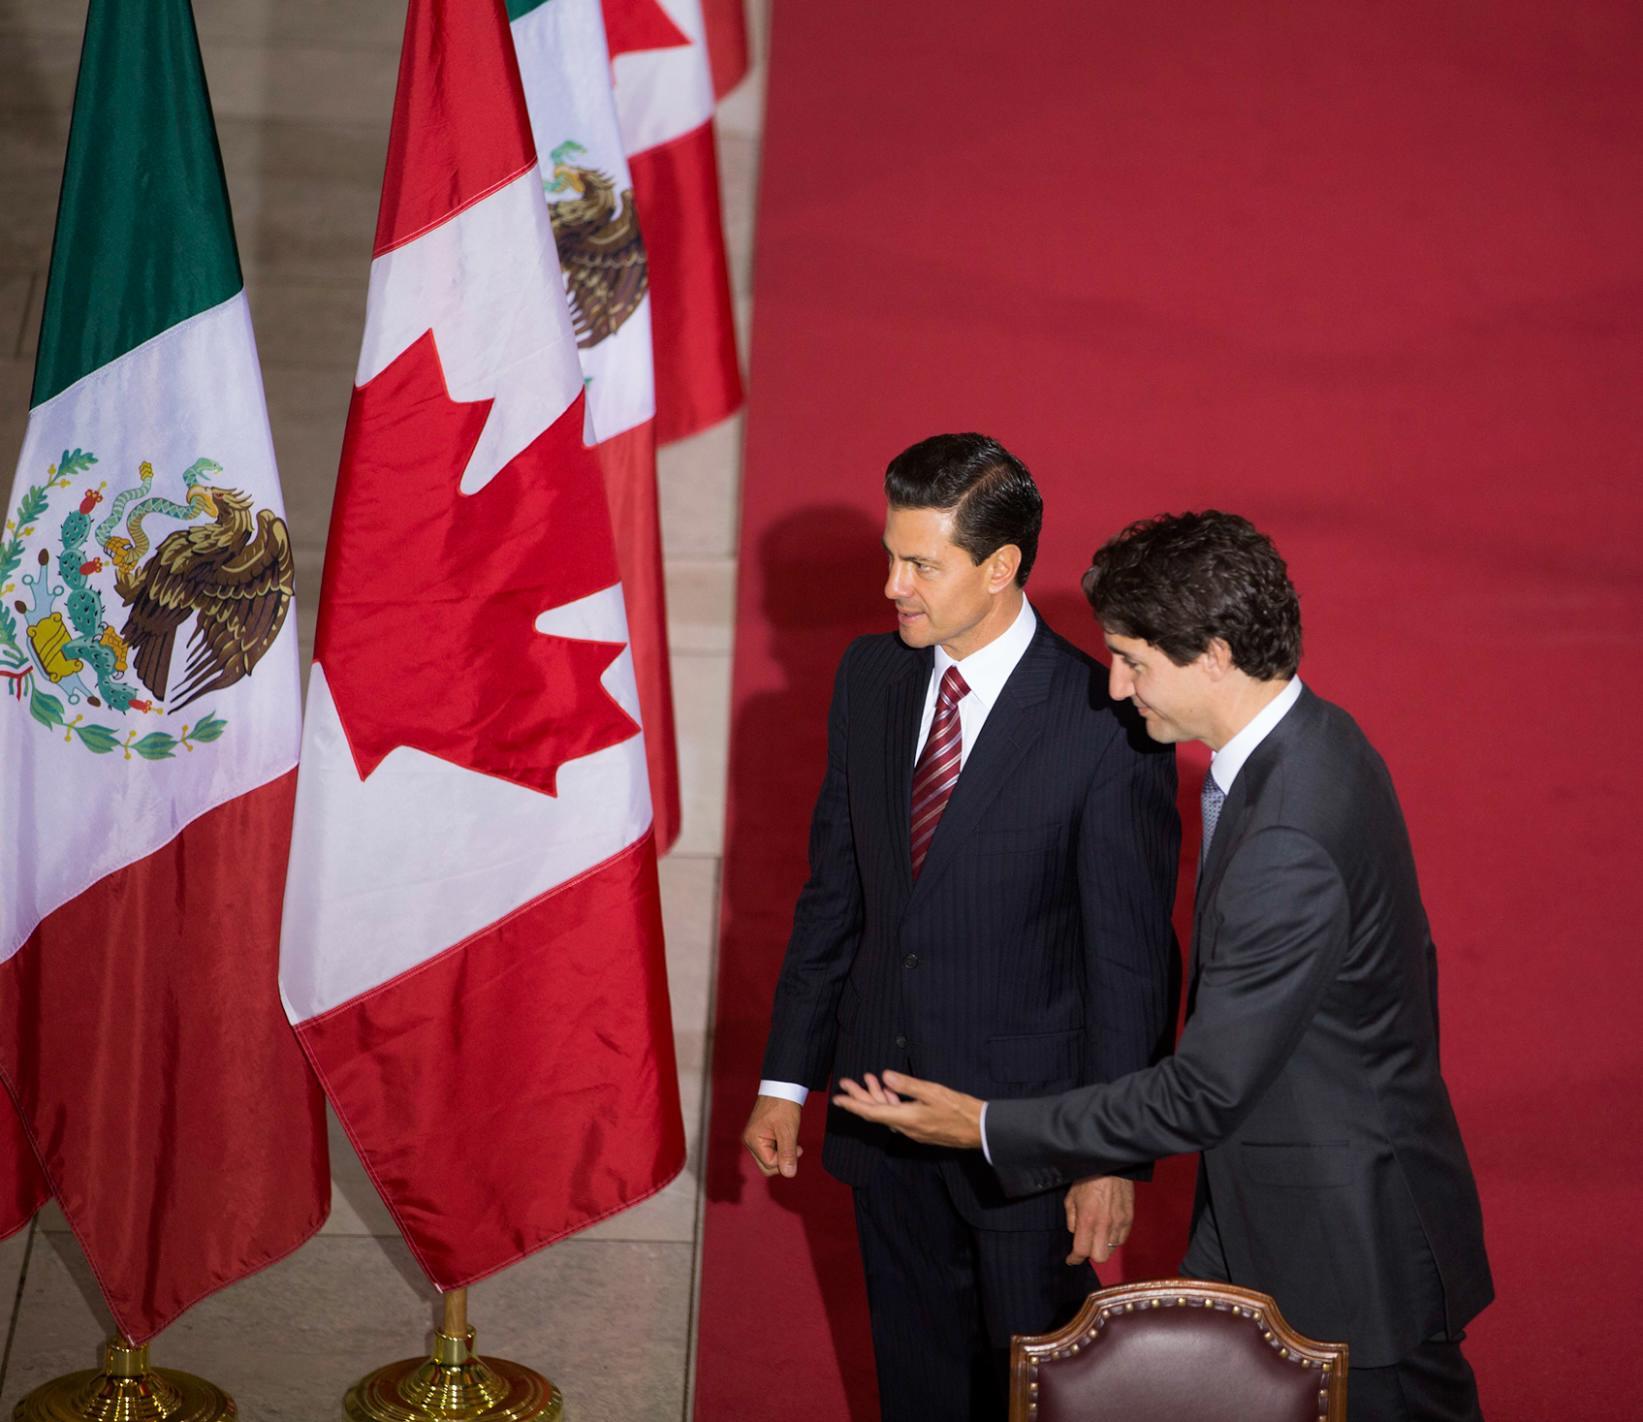 """""""El día de hoy hemos hecho oficial nuestra colaboración en el desarrollo internacional, especialmente en América Central y el Caribe"""": Justin Trudeau."""